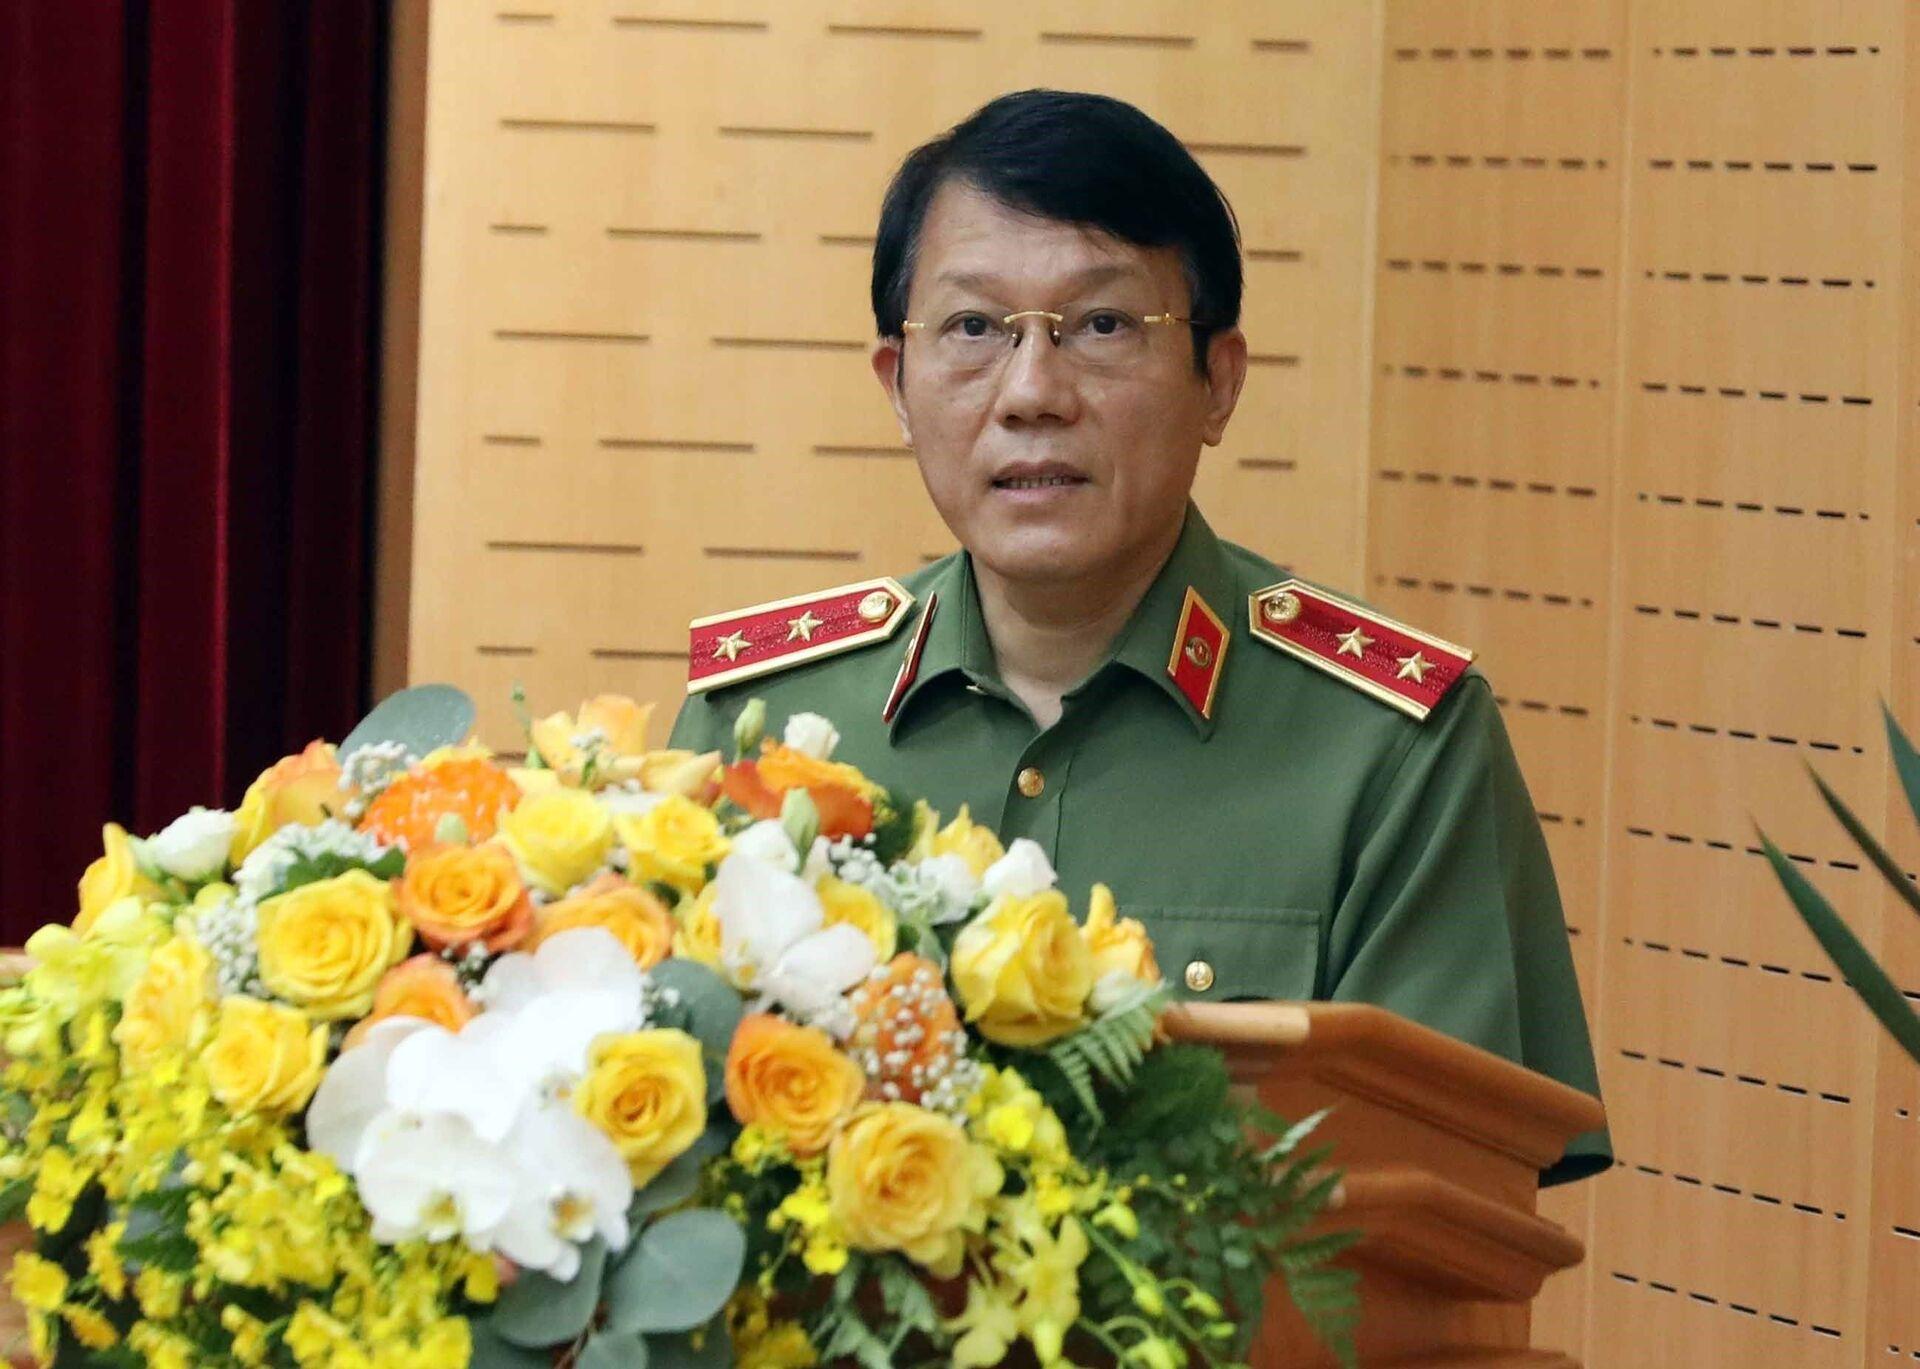 7 nhân sự ứng cử Đại biểu Quốc hội Việt Nam bị đệ đơn thư tố cáo là ai? - Sputnik Việt Nam, 1920, 12.05.2021